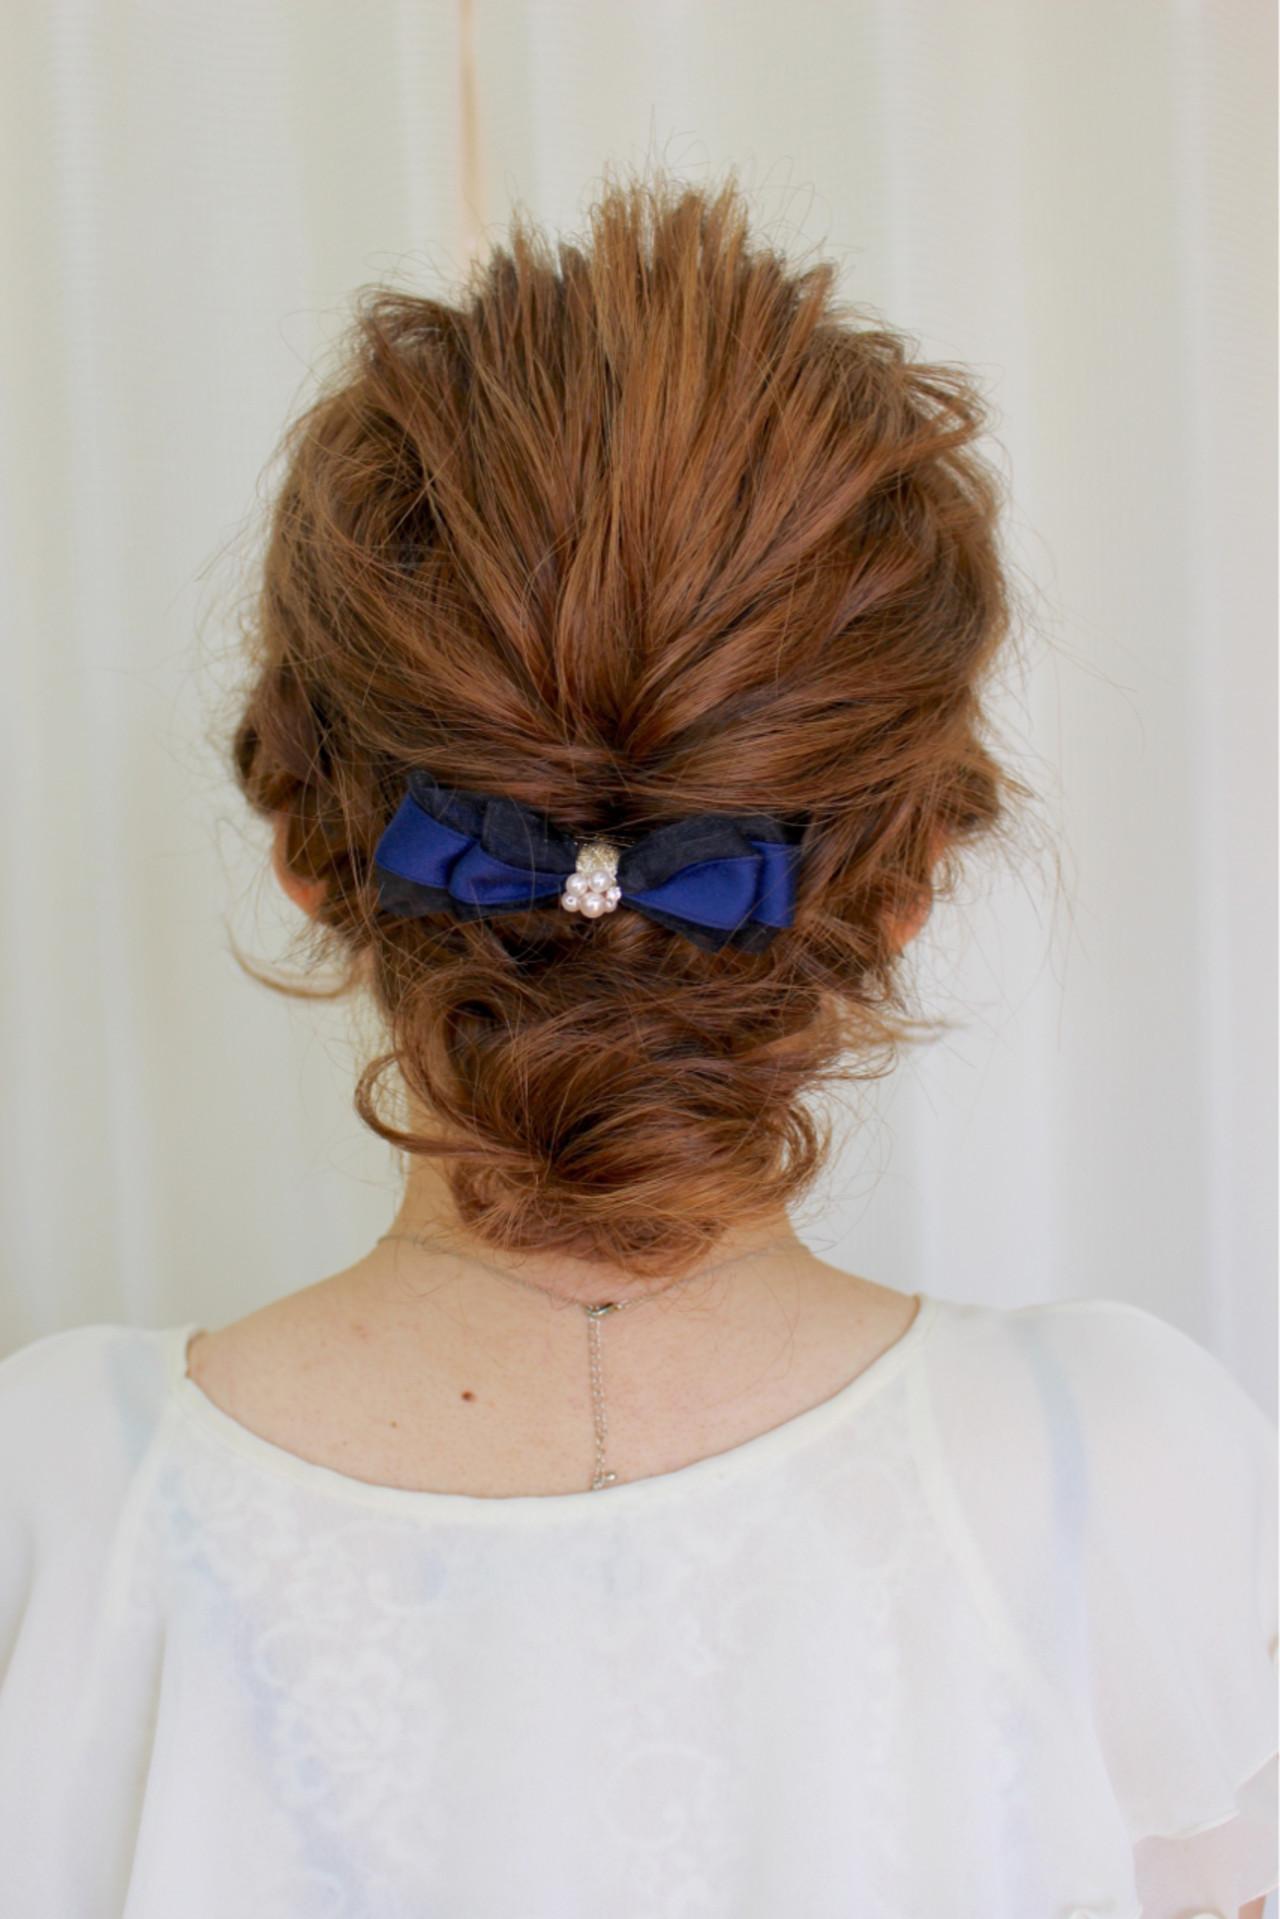 パーティ ミディアム ヘアアレンジ ナチュラル ヘアスタイルや髪型の写真・画像